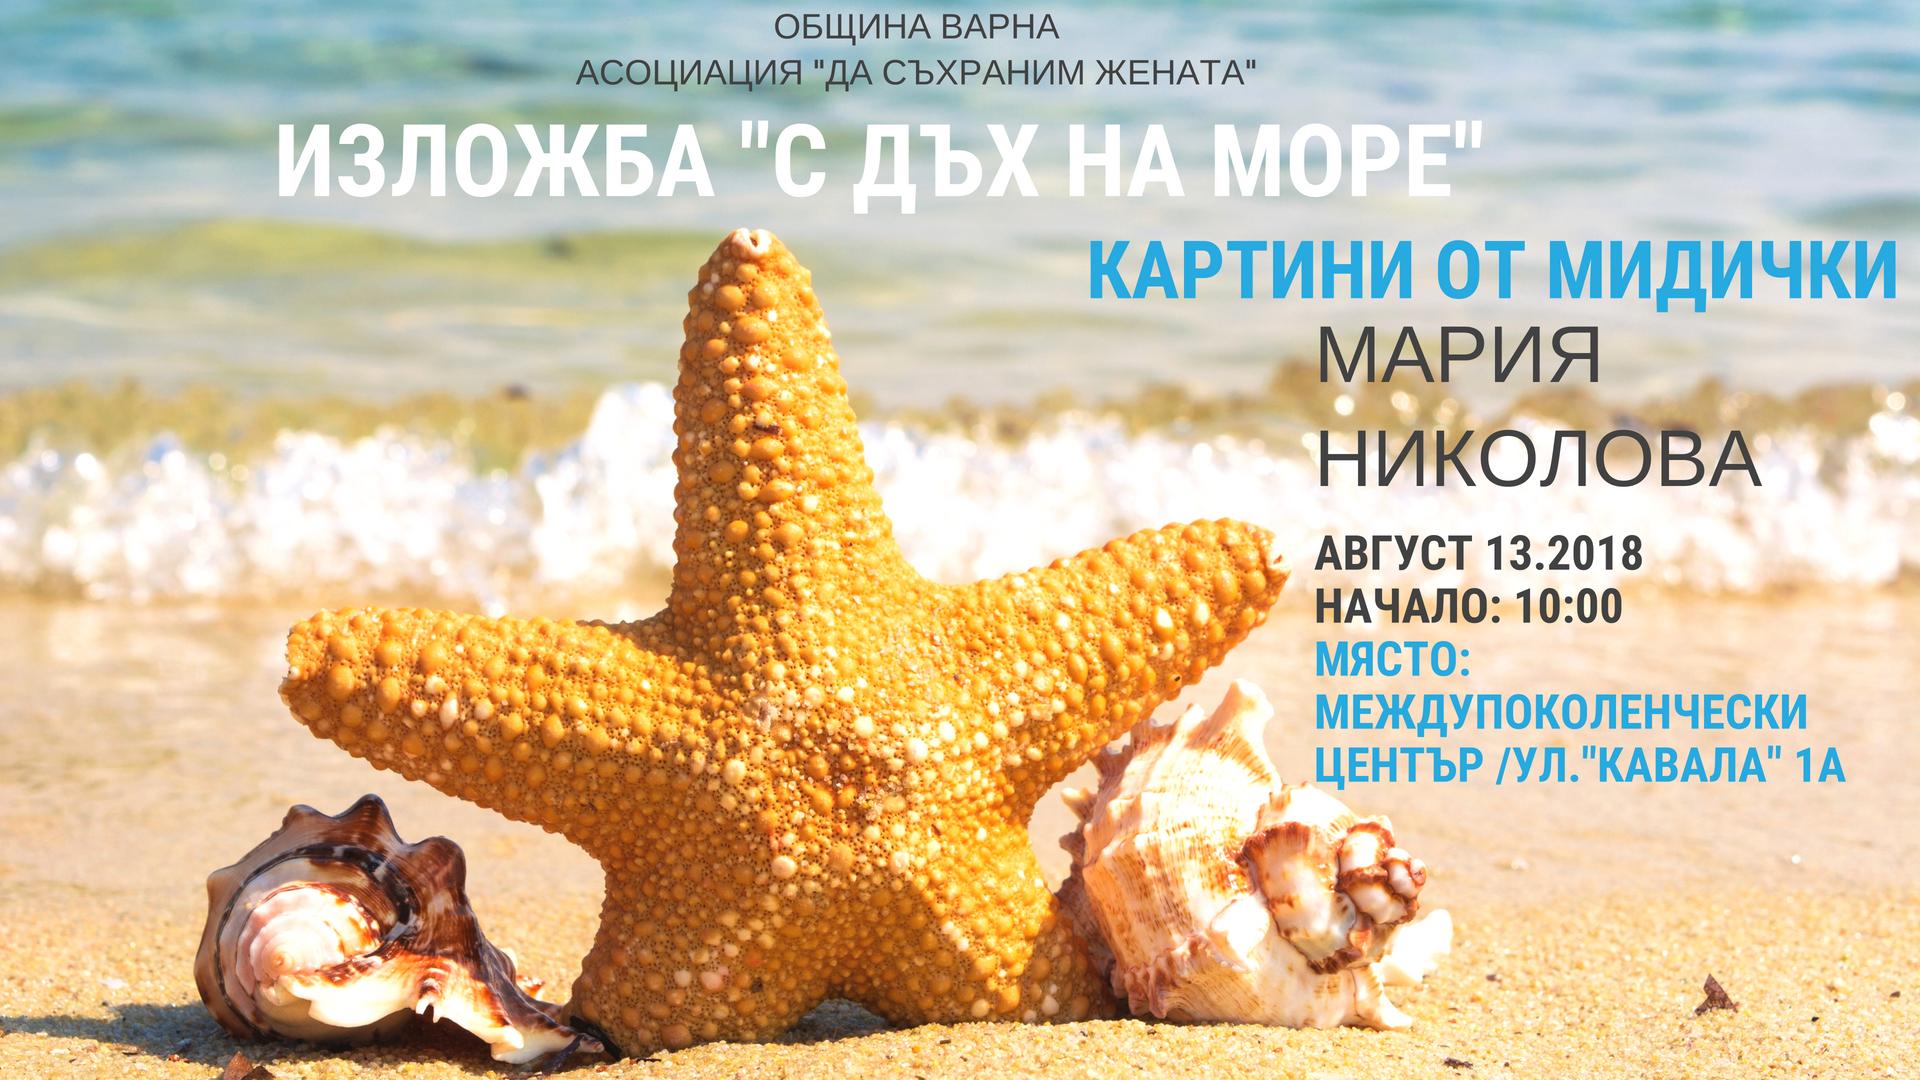 Изложба _С дъх на море_